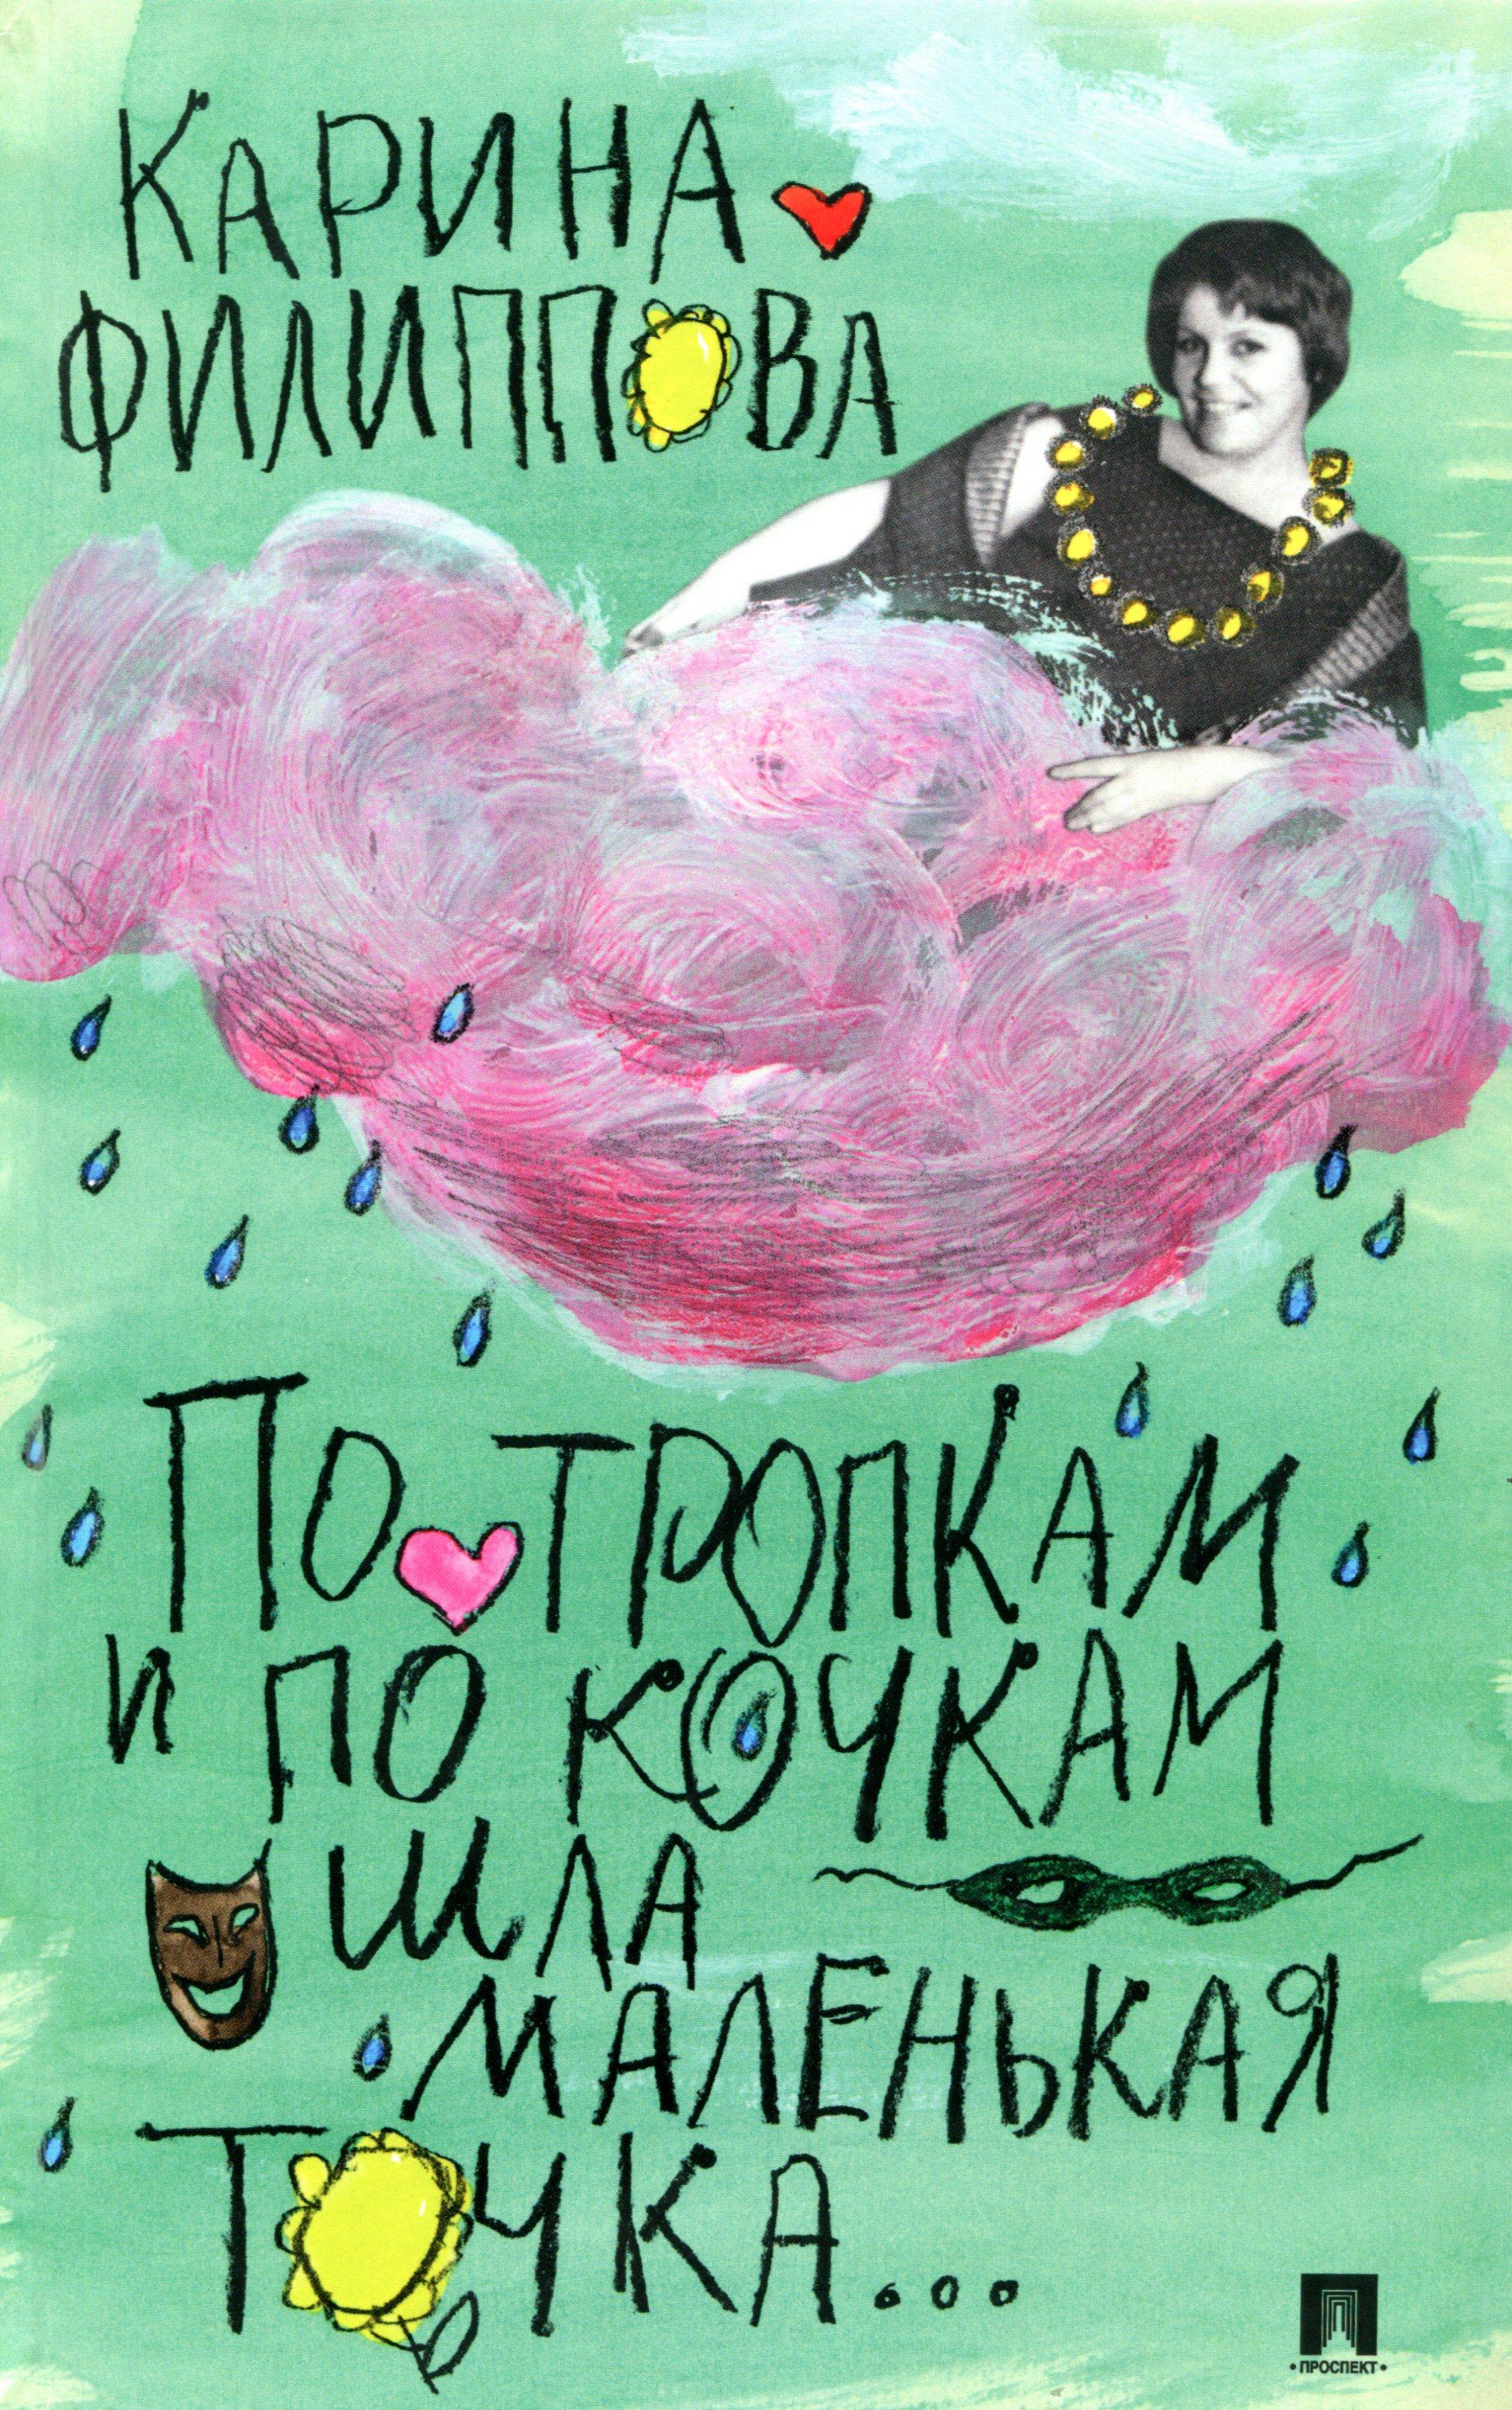 Борис Диодоров. Она-такая. Из книги Карины Филипповой «По тропкам и по кочкам шла маленькая точка»